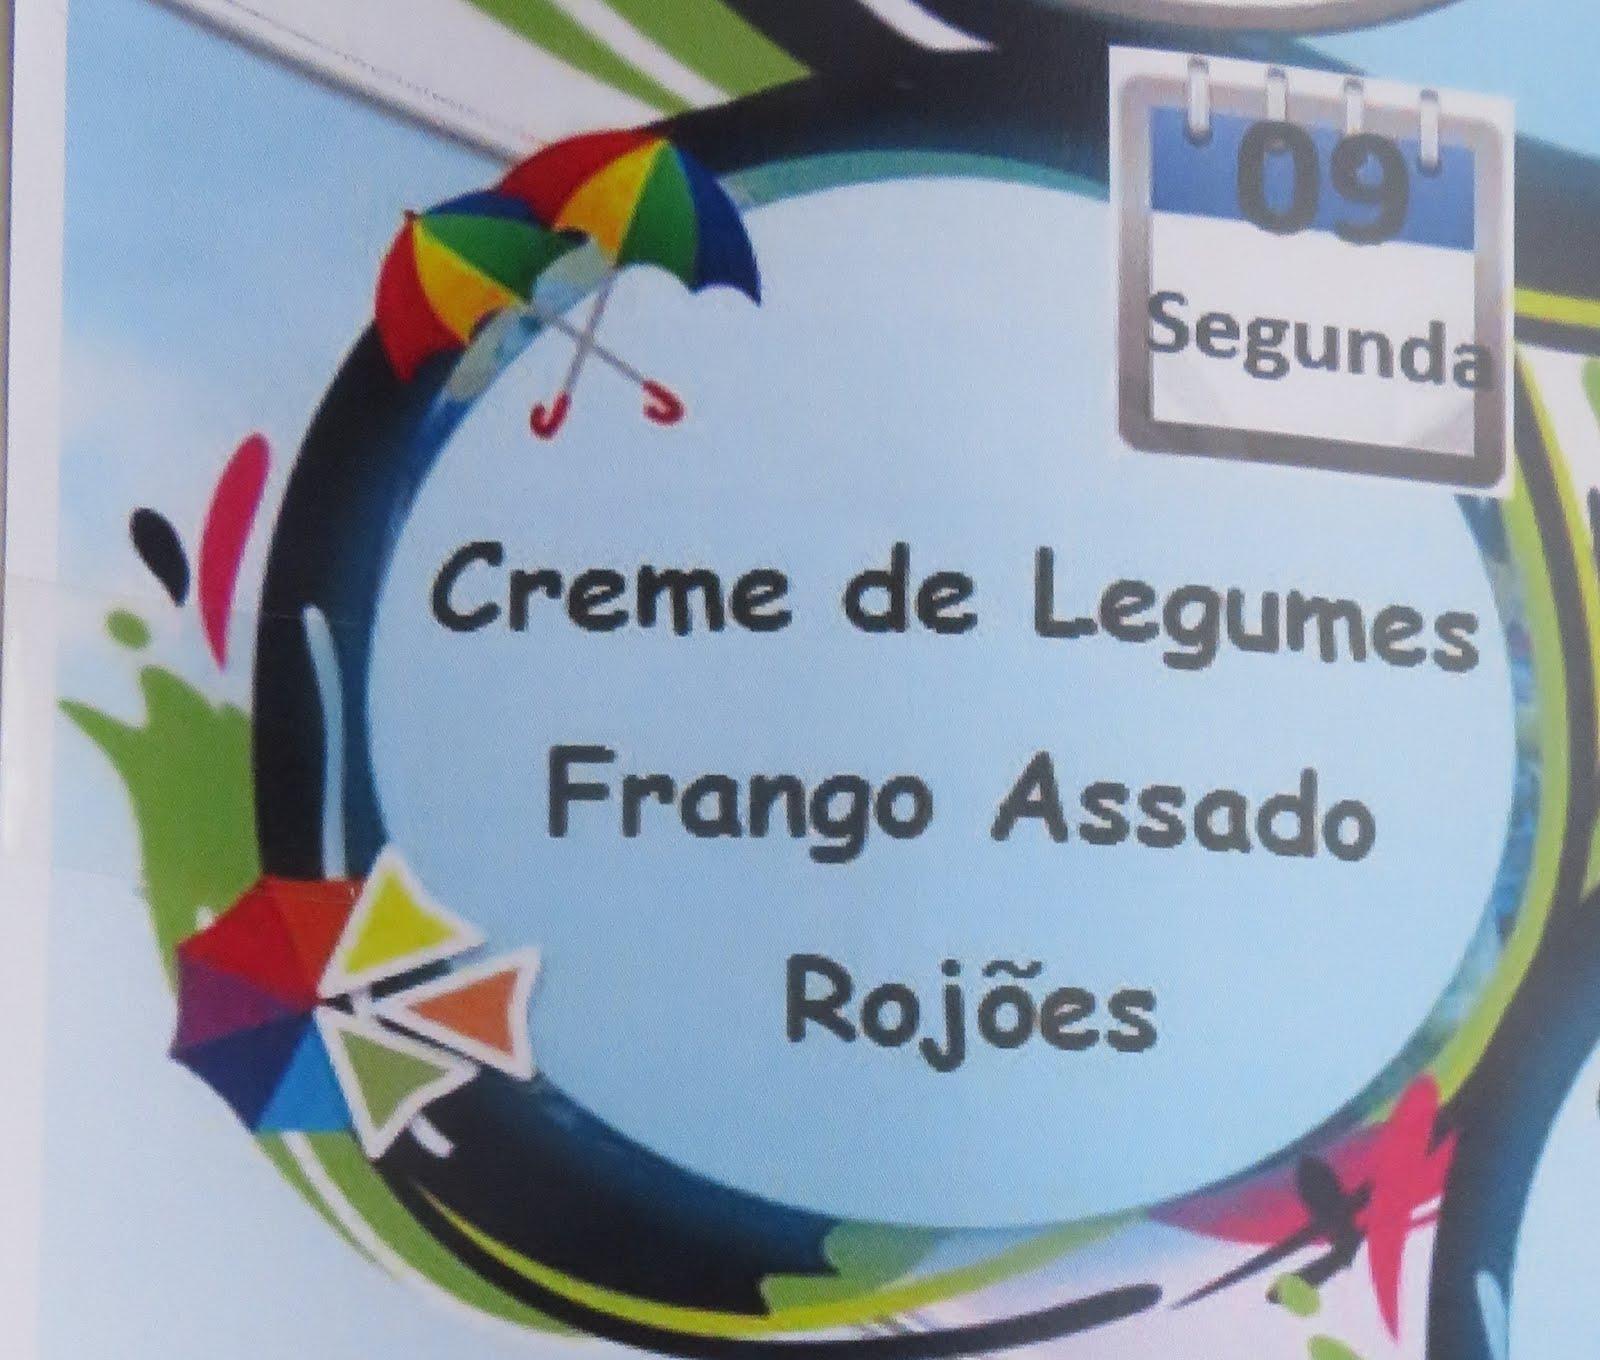 ARCOR NO AGITÁGUEDA COM FRANGO ASSADO E ROJÕES!